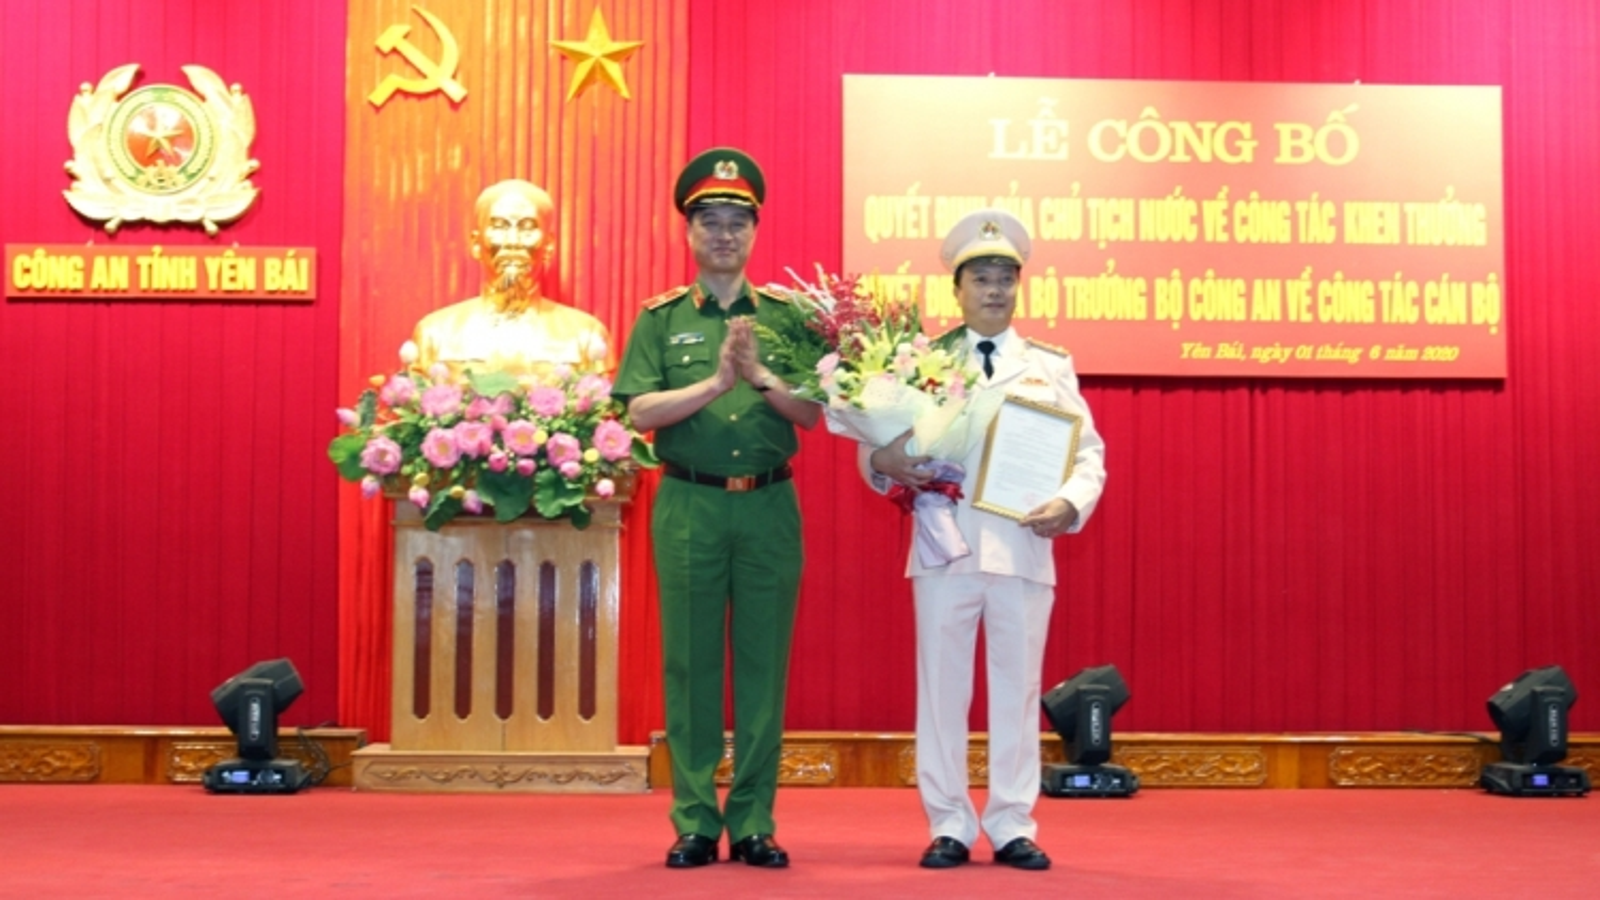 Phó Tư lệnh, Bộ Tư lệnh Cảnh vệ làm Giám đốc Công an Yên Bái